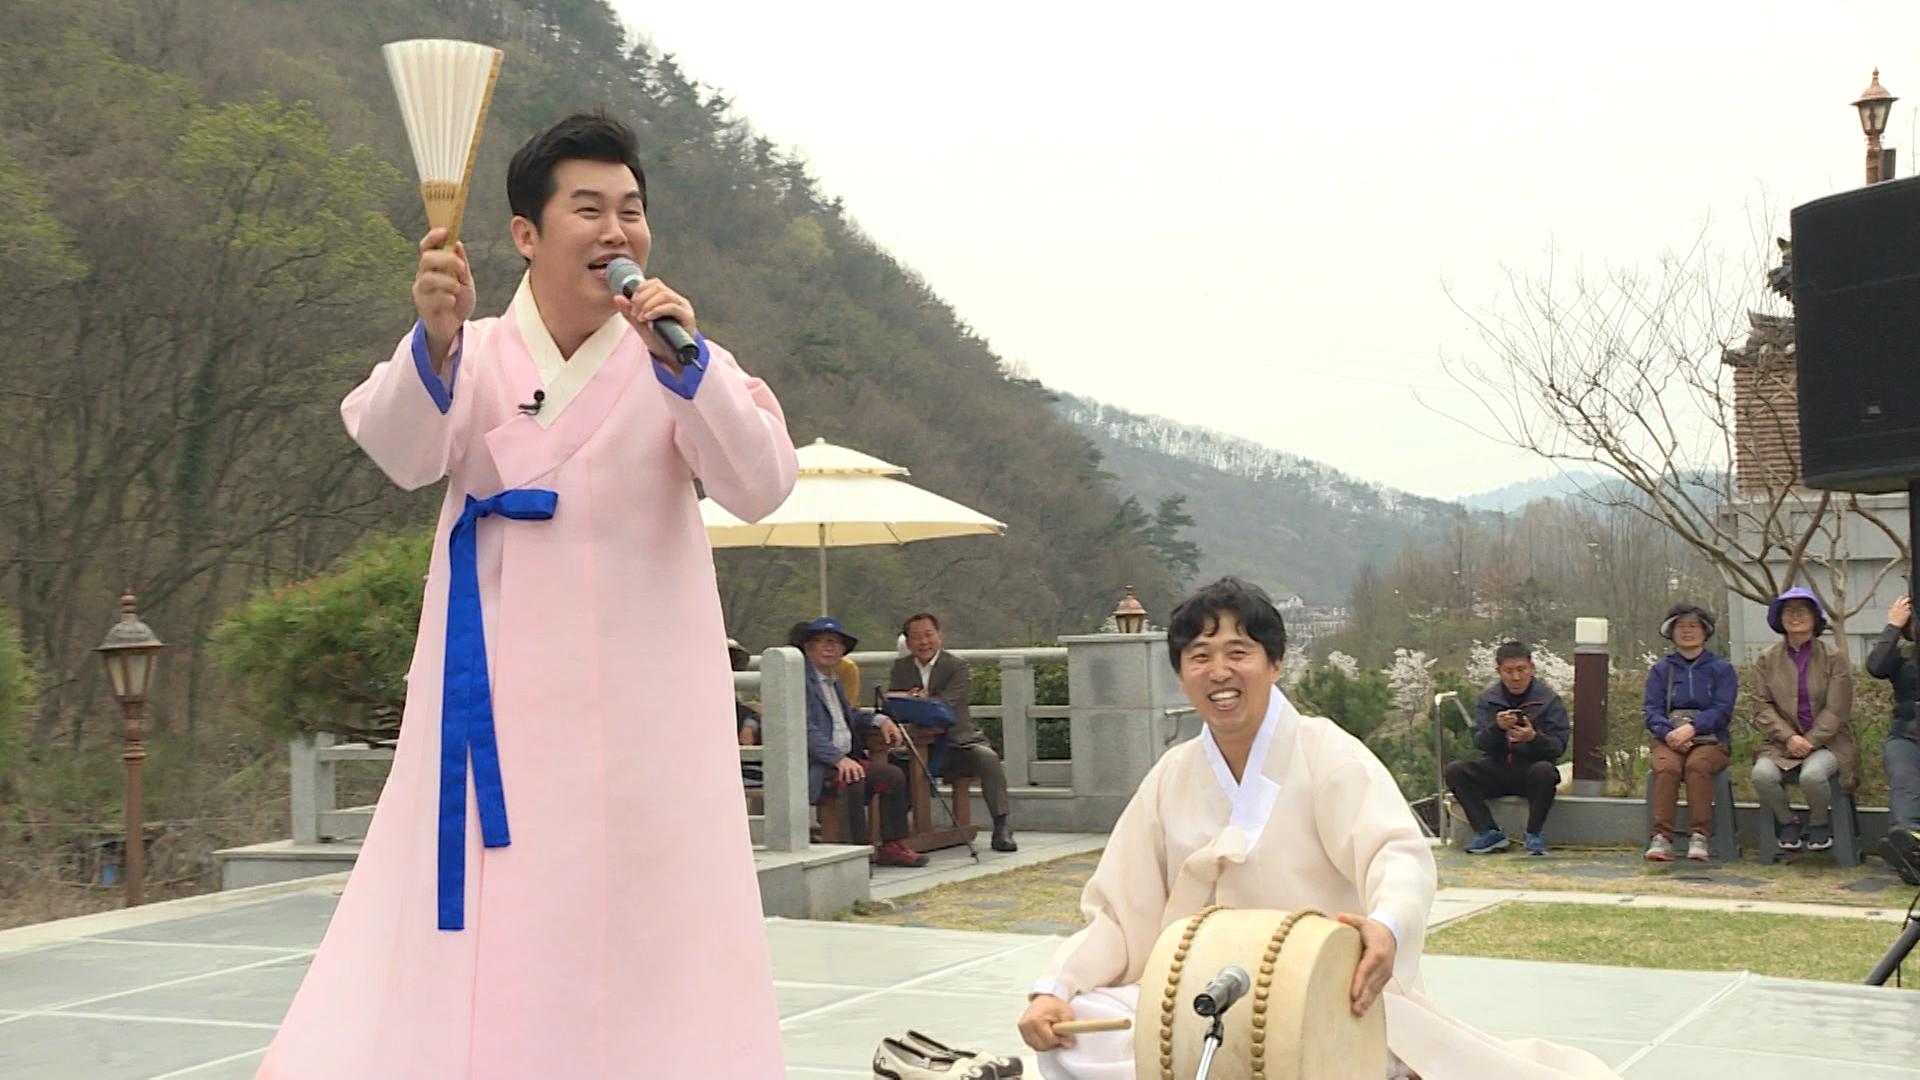 '사람이 좋다' 국악계 아이돌 남상일, 미모의 새신부 최초 공개!